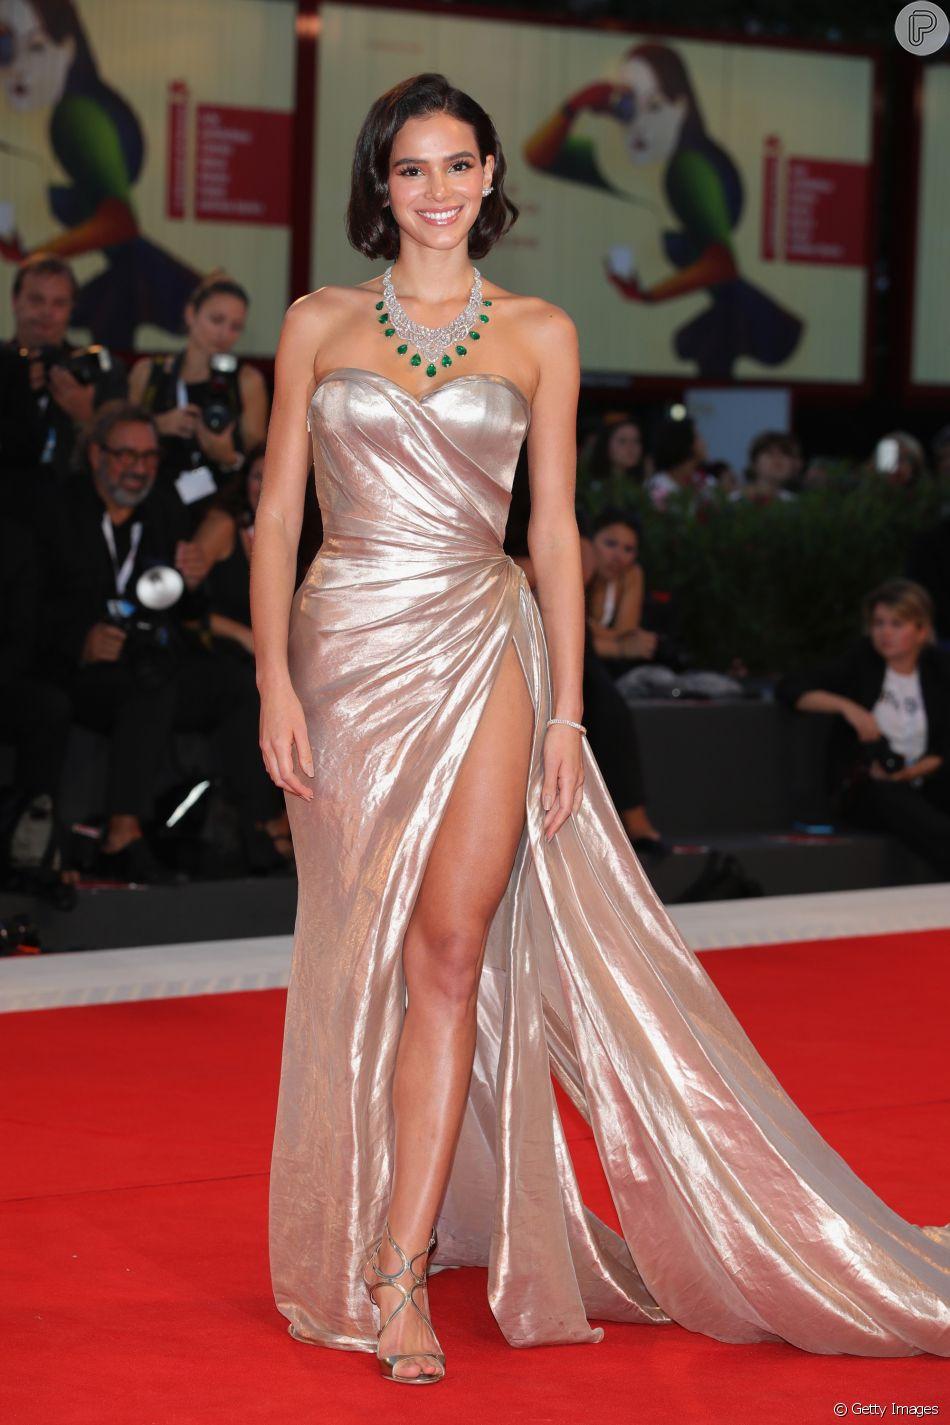 Bruna Marquezine apostou em vestido com superfenda para atravessar o tapete vermelho do filme 'The Sisters Brothers' neste domingo, dia 2 de setembro de 2018, no Festival de Veneza